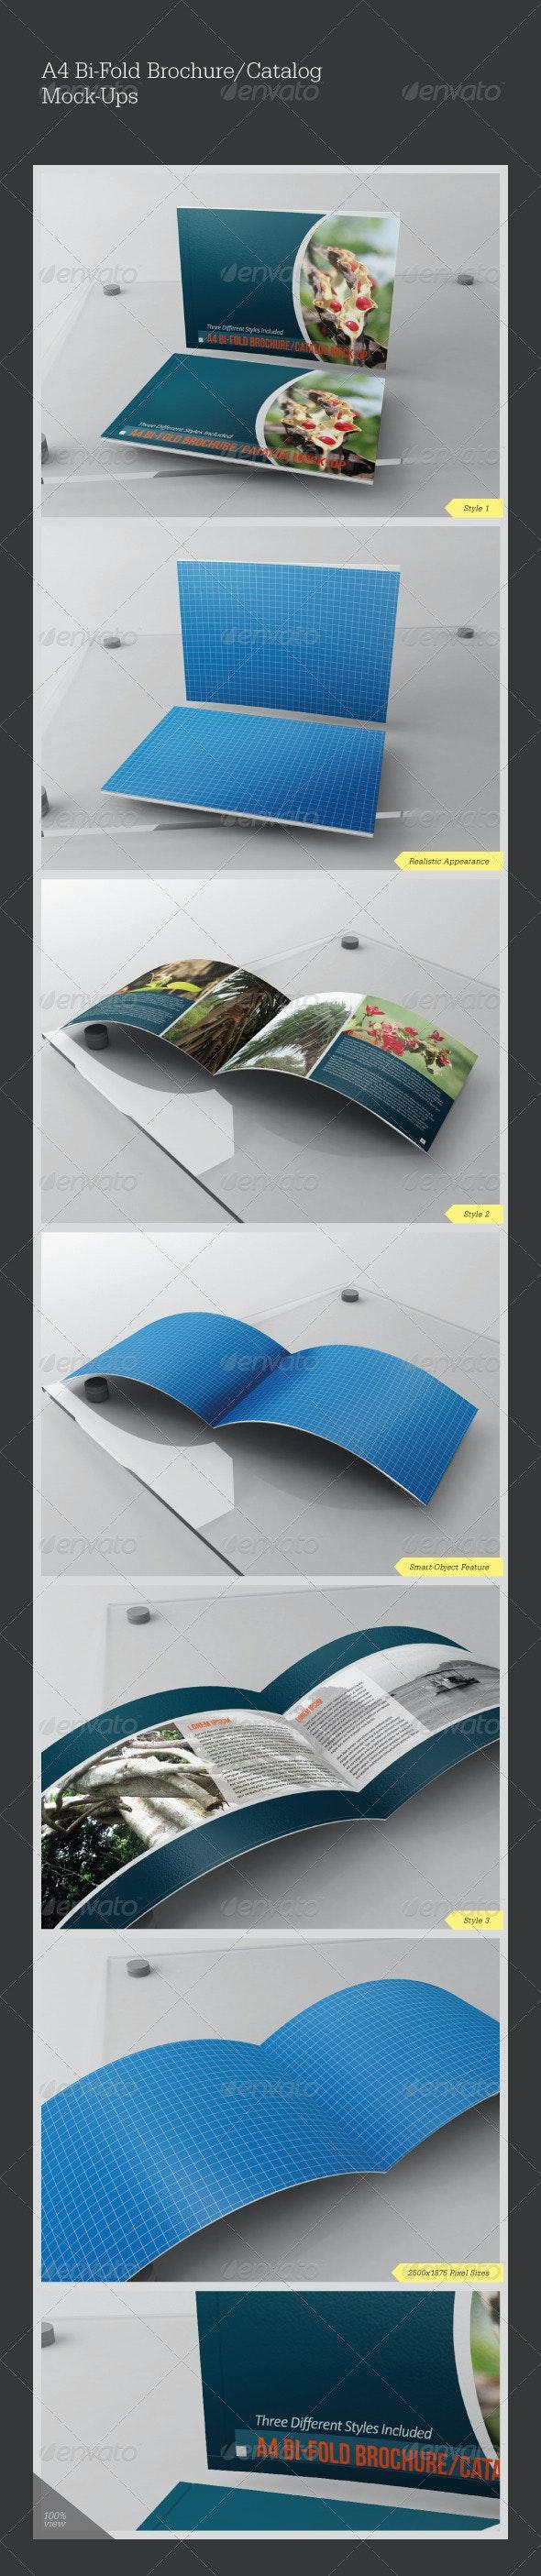 A4 Bi-Fold Catalog/Brochure Mock-Ups - Brochures Print